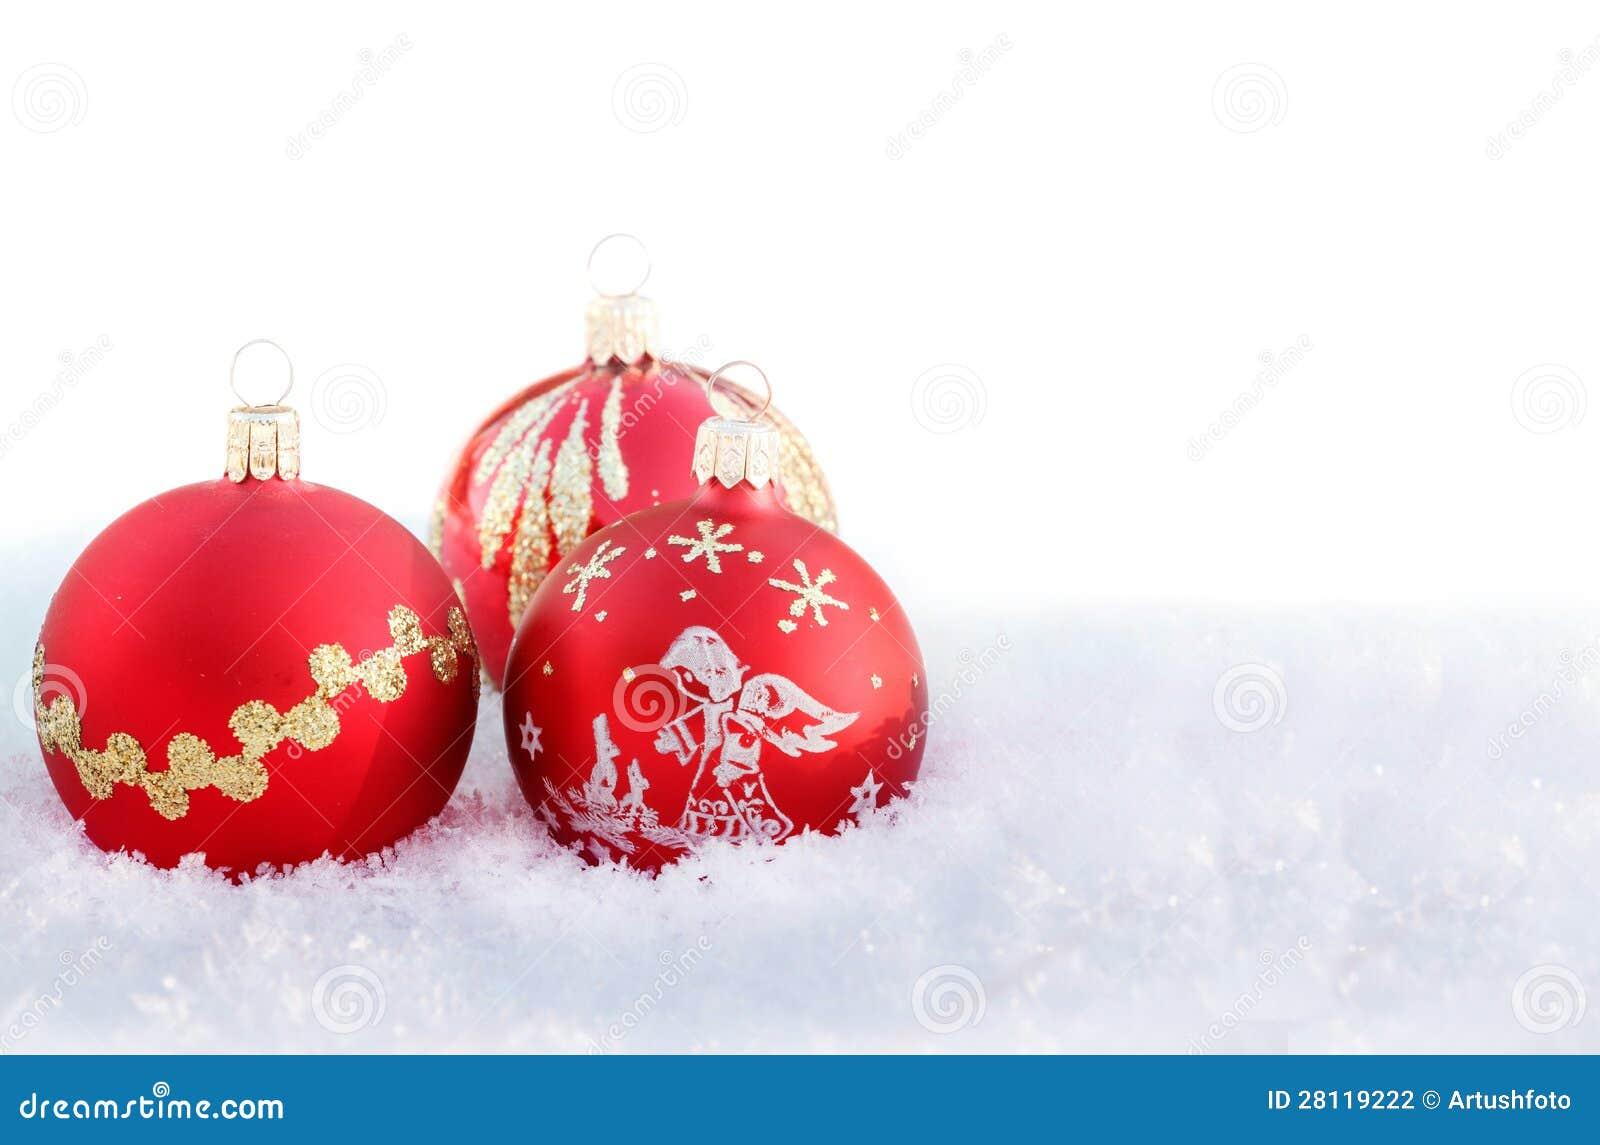 Weihnachtskugeln auf wei em schnee stockfotografie bild for Weihnachtskugeln bilder